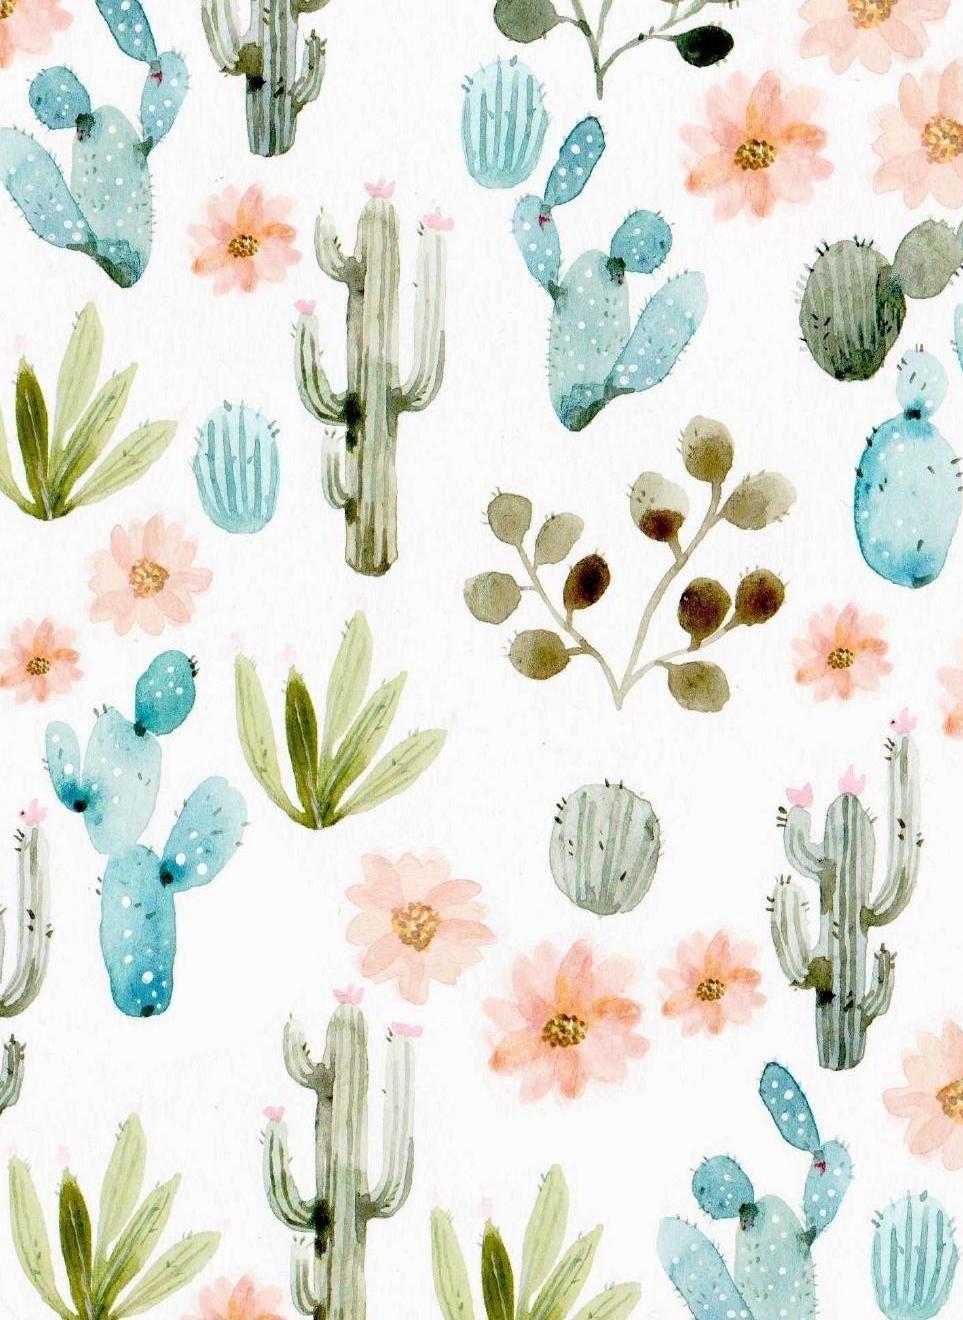 Une Semaine Sur Pinterest 32 Art Watercolor Cactus